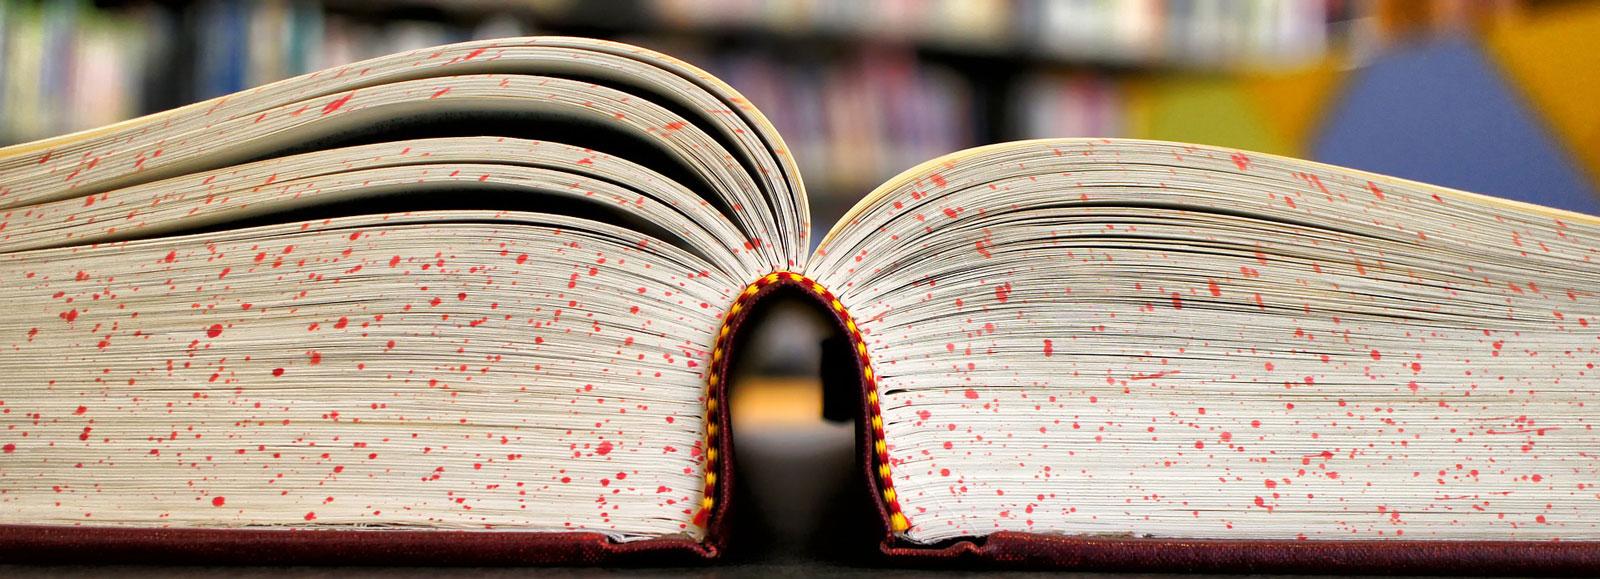 Willkommen bei dem Wissensbringer Verlag